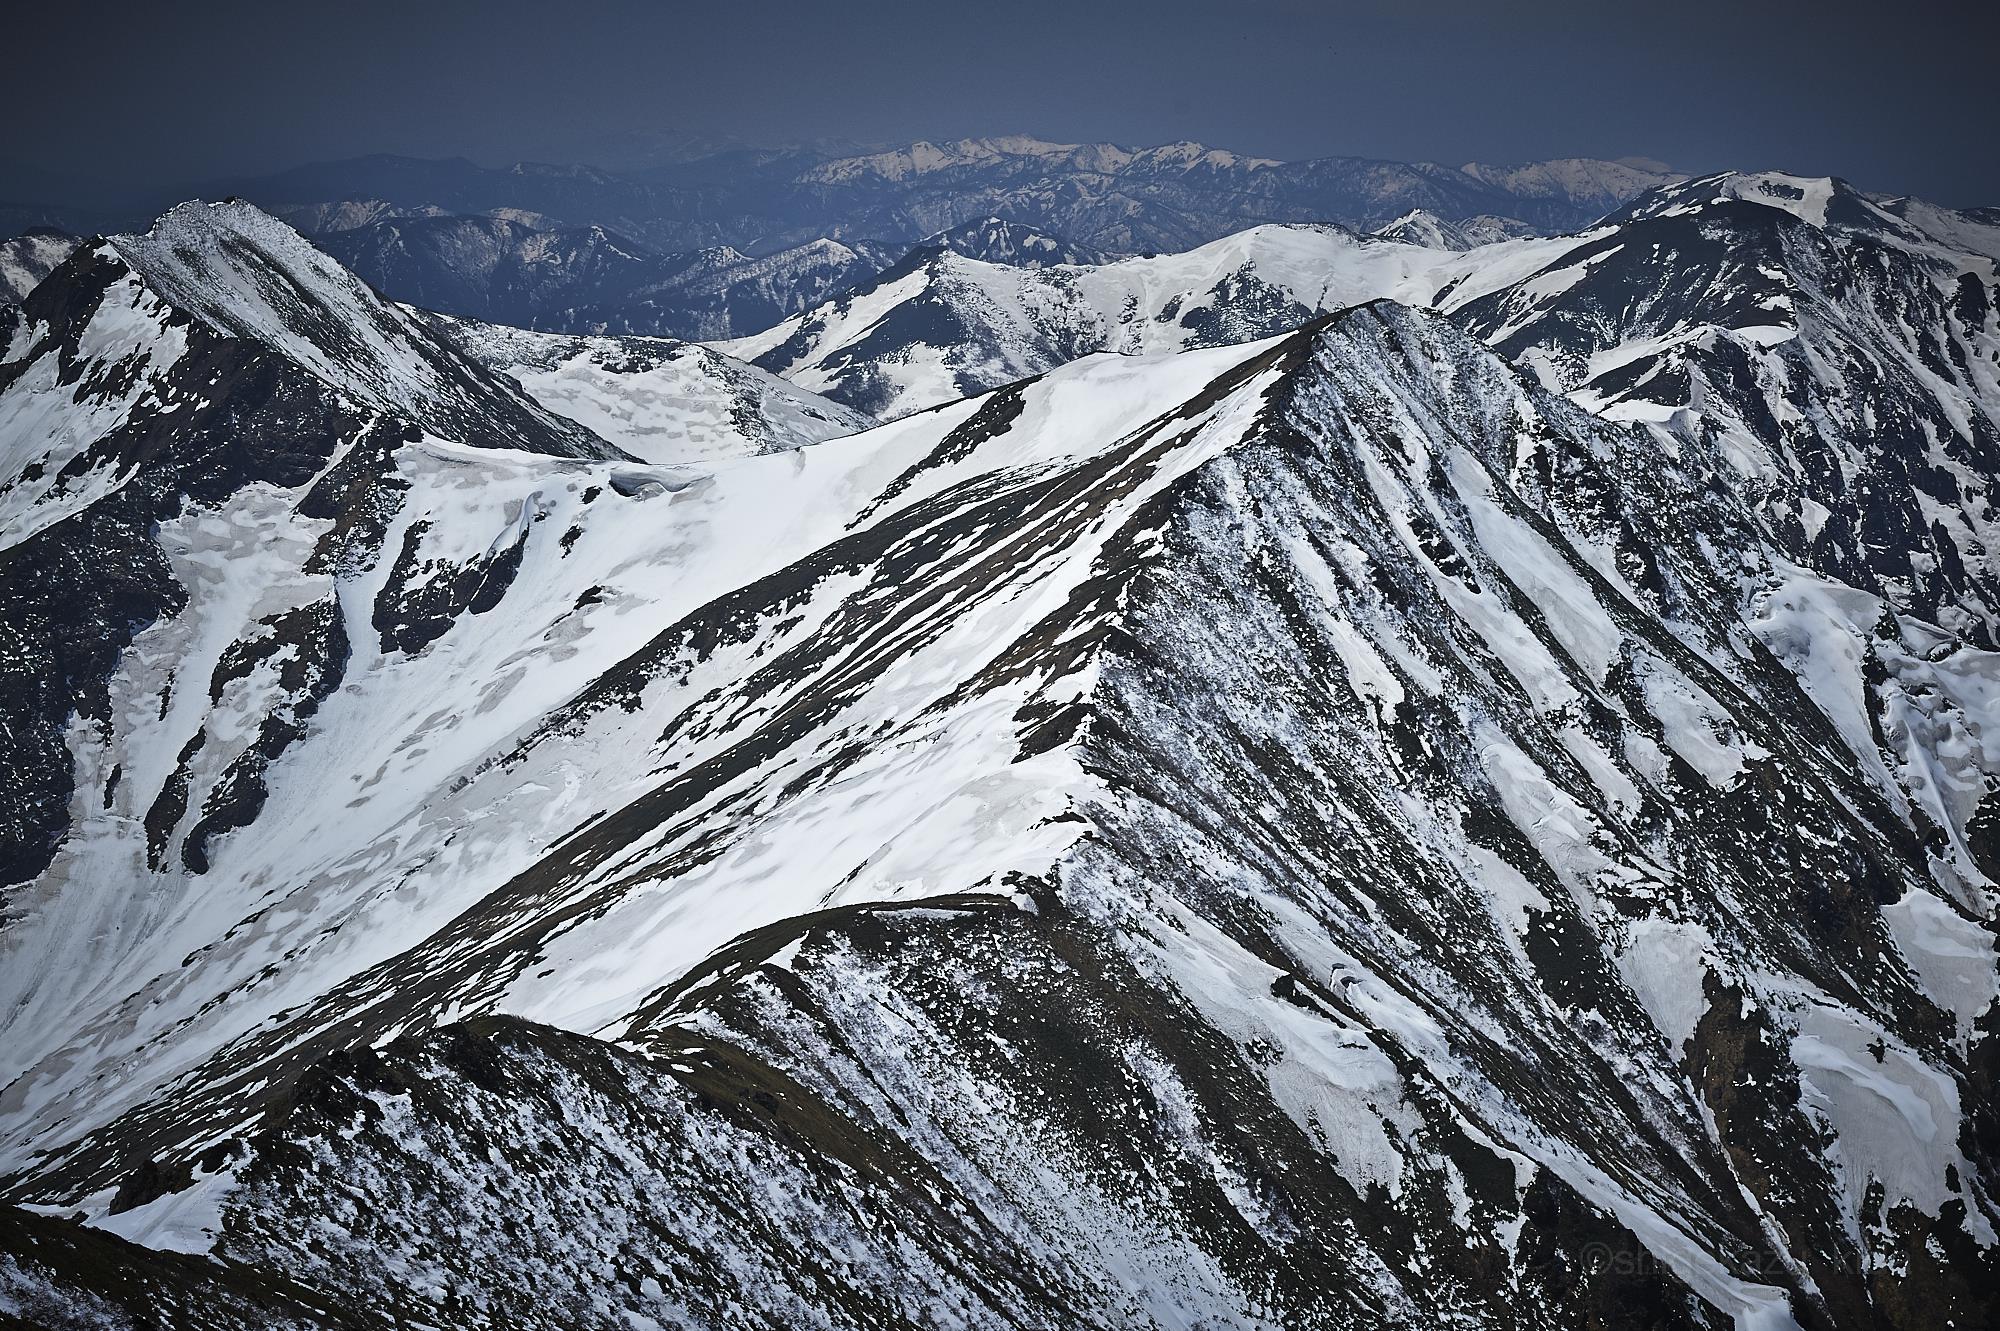 谷川岳から万太郎山方面の残雪の風景